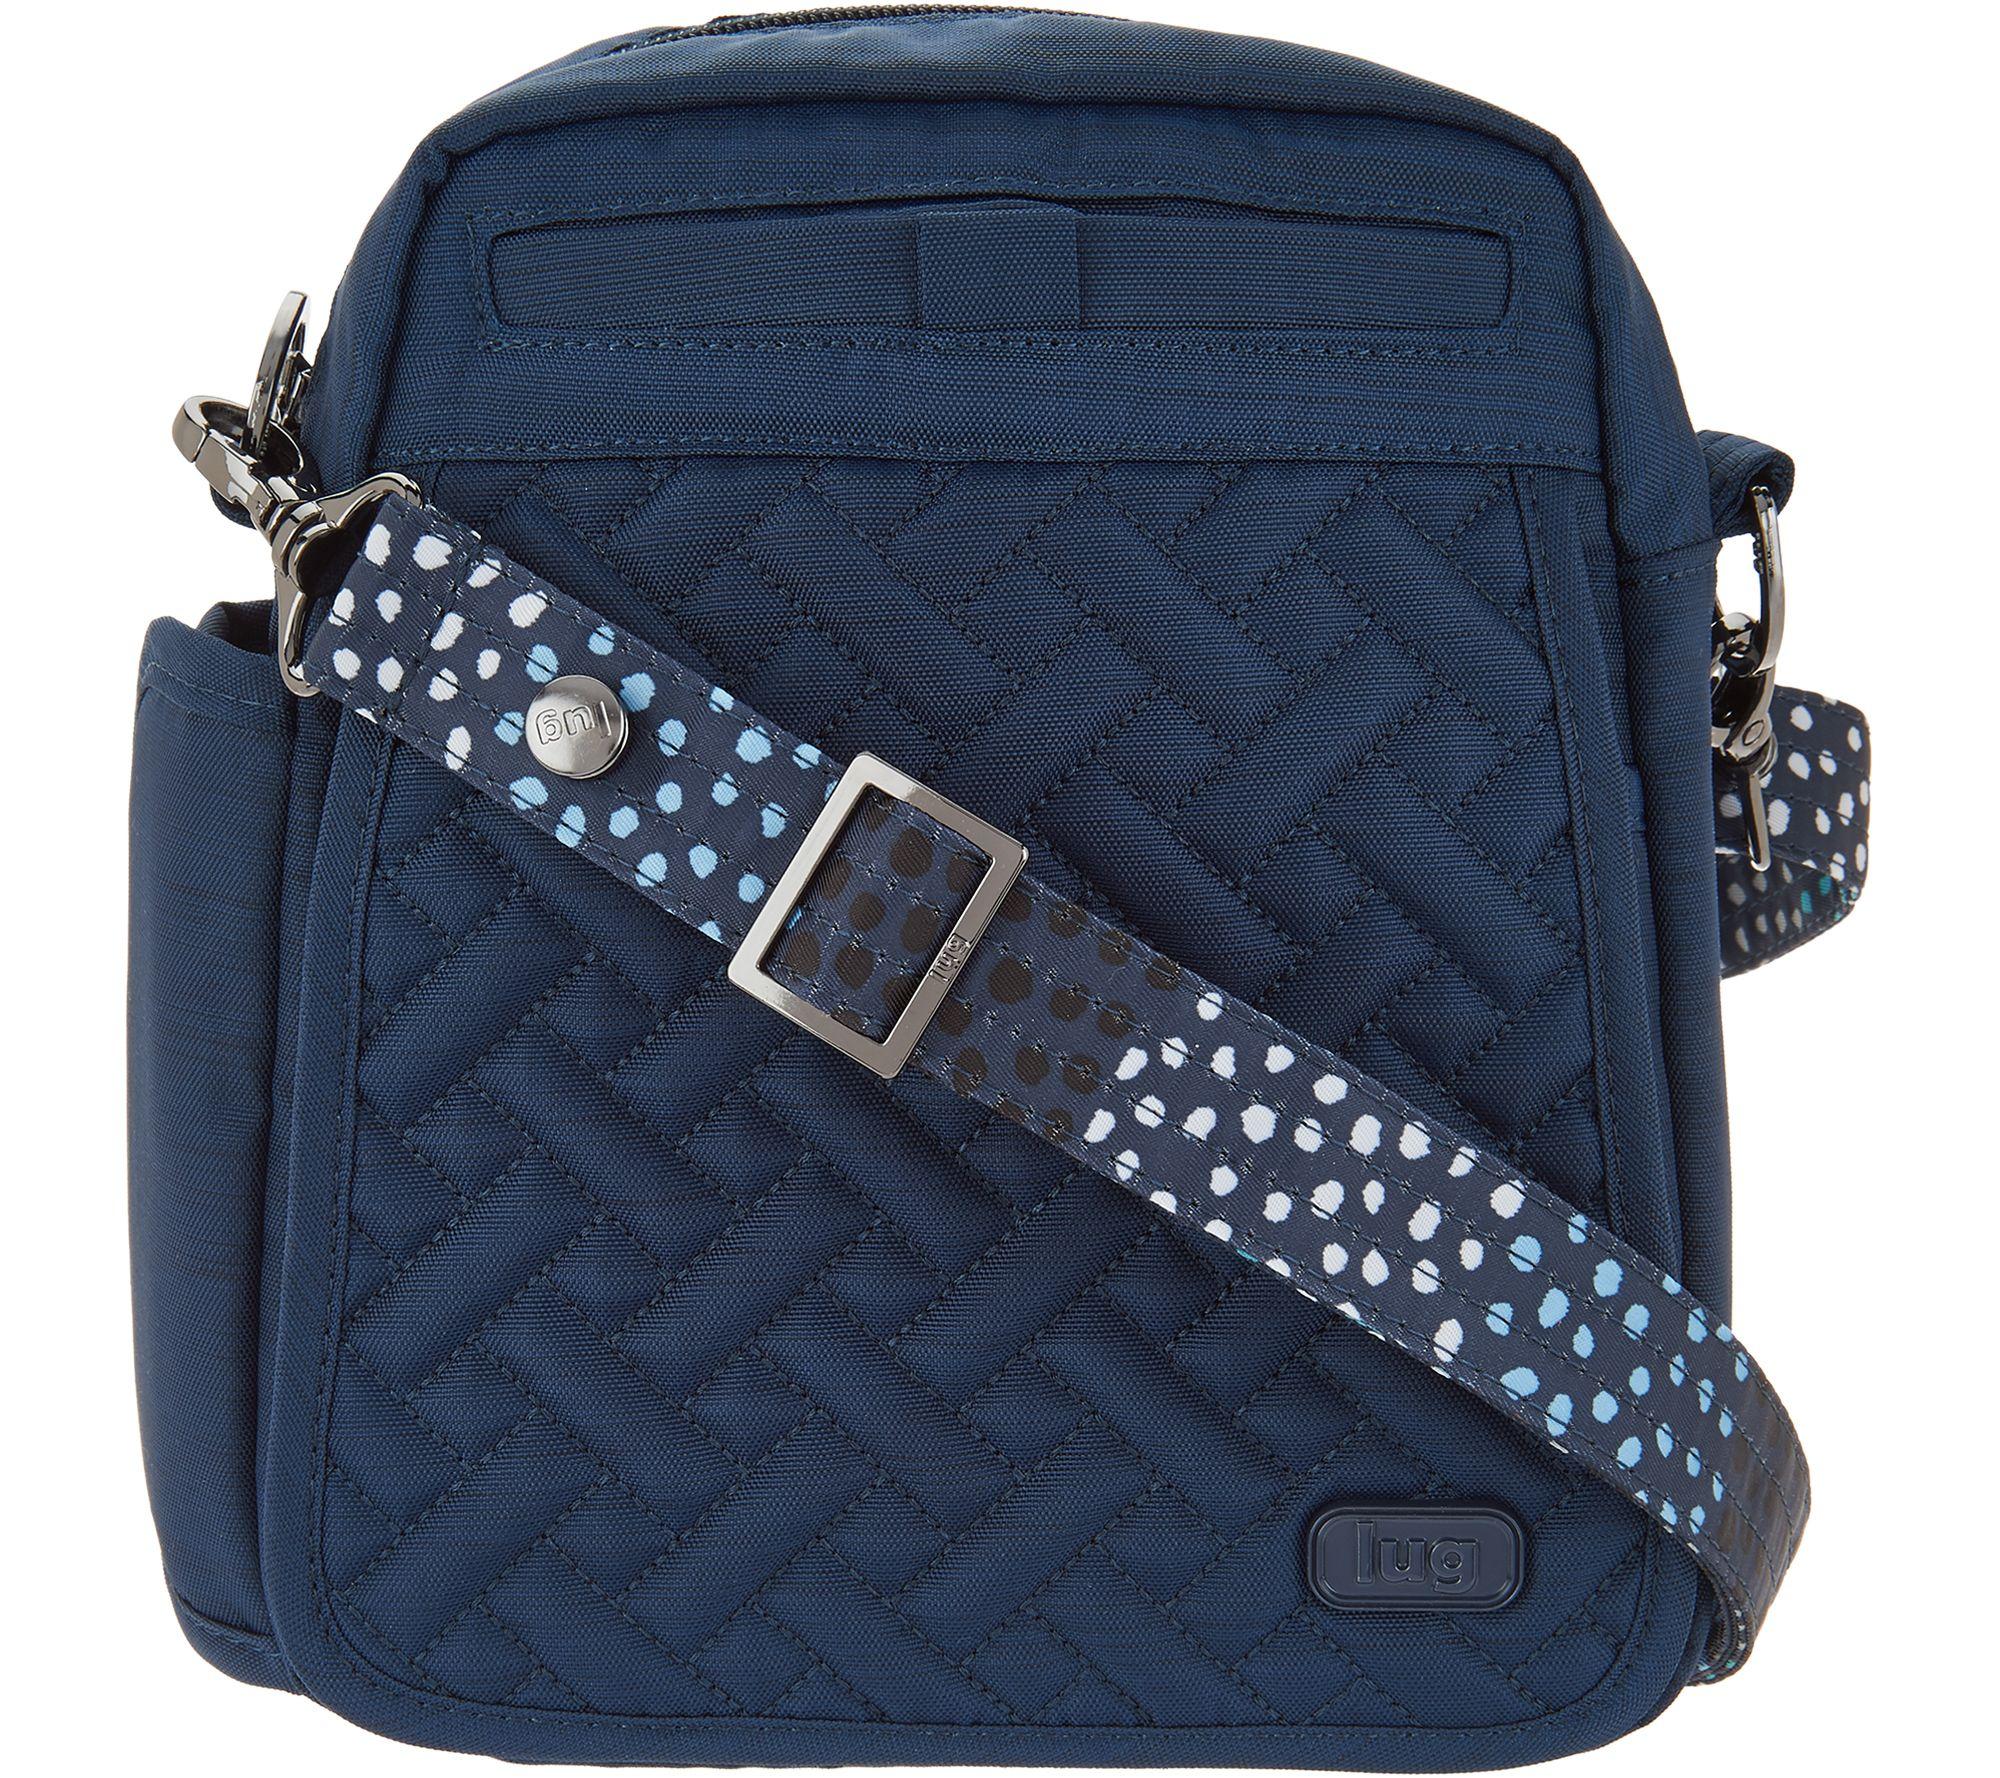 ca16cb0035 Lug RFID Convertible Crossbody Bag w  Bonus Strap - Flapper - Page 1 —  QVC.com